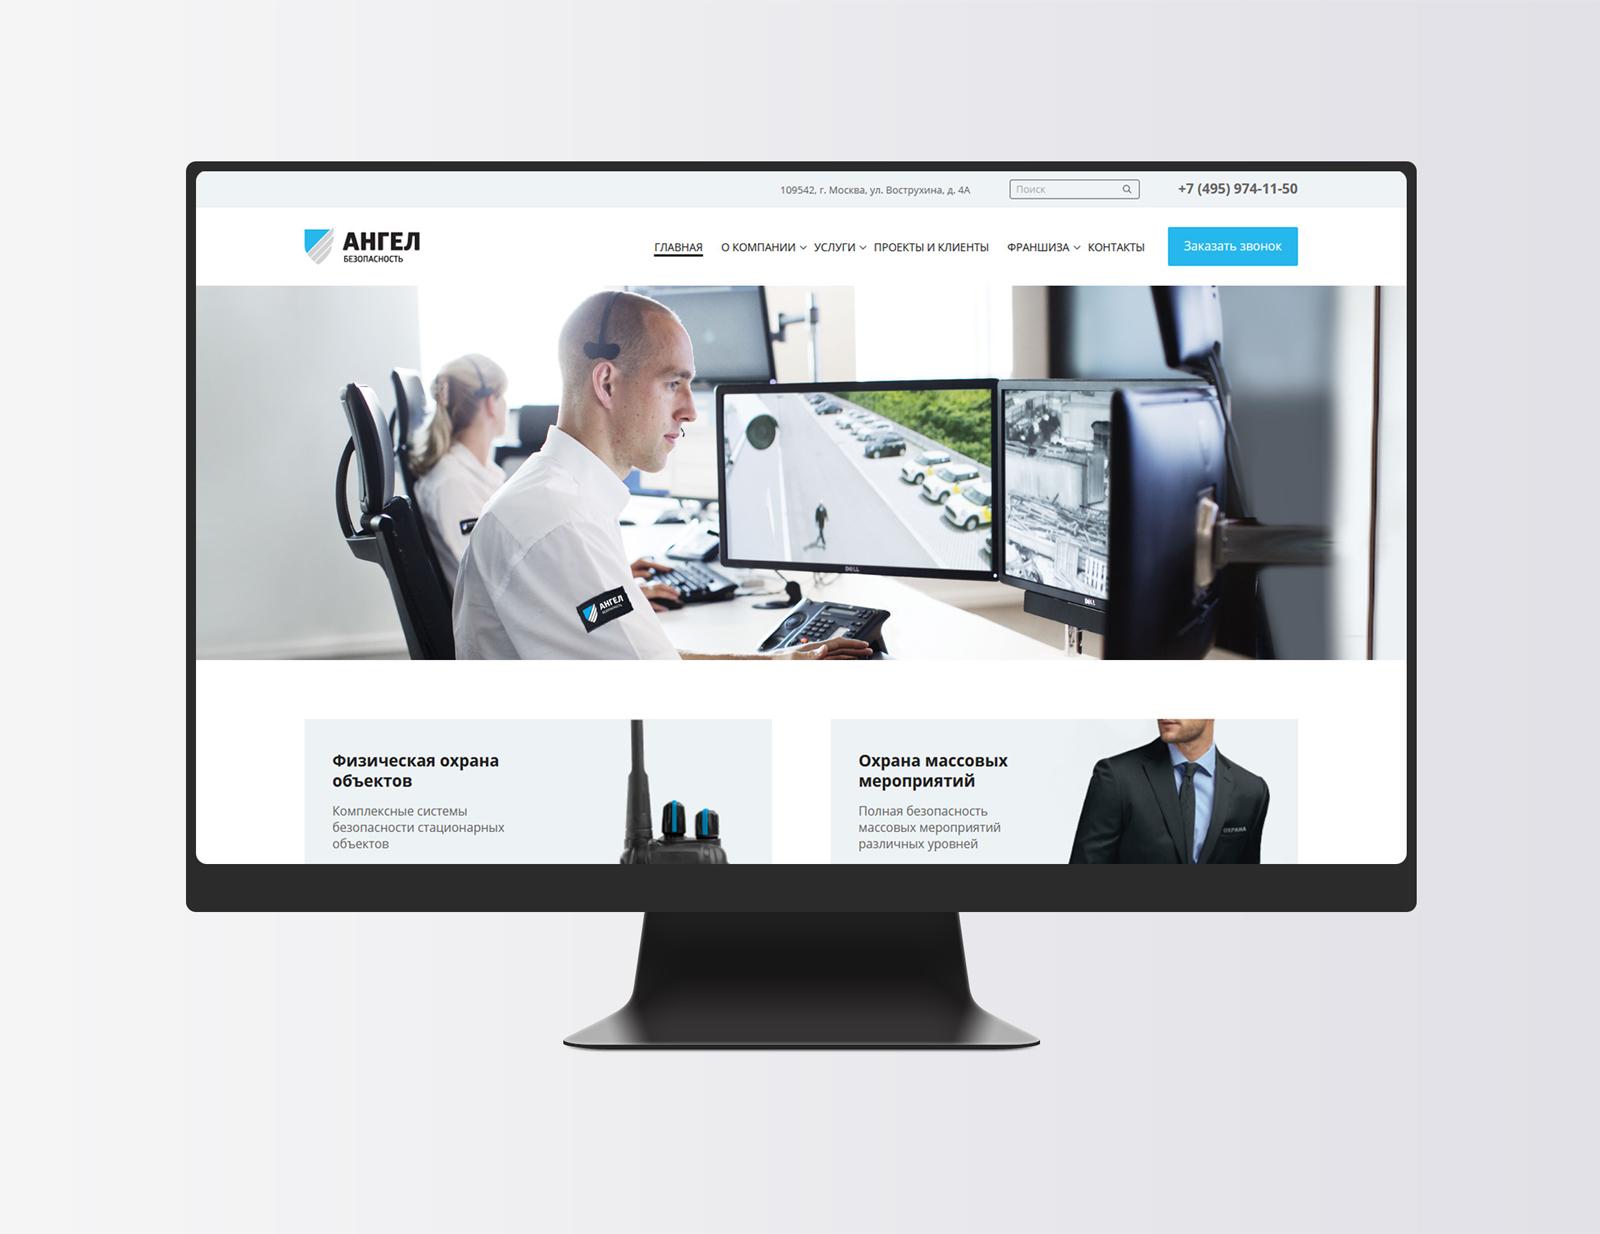 Разработка сайта частного охранного предприятия «Ангел». Обновленный дизайн сайта группы компаний делает сайт более удобным и интуитивно понятным для потенциального клиента